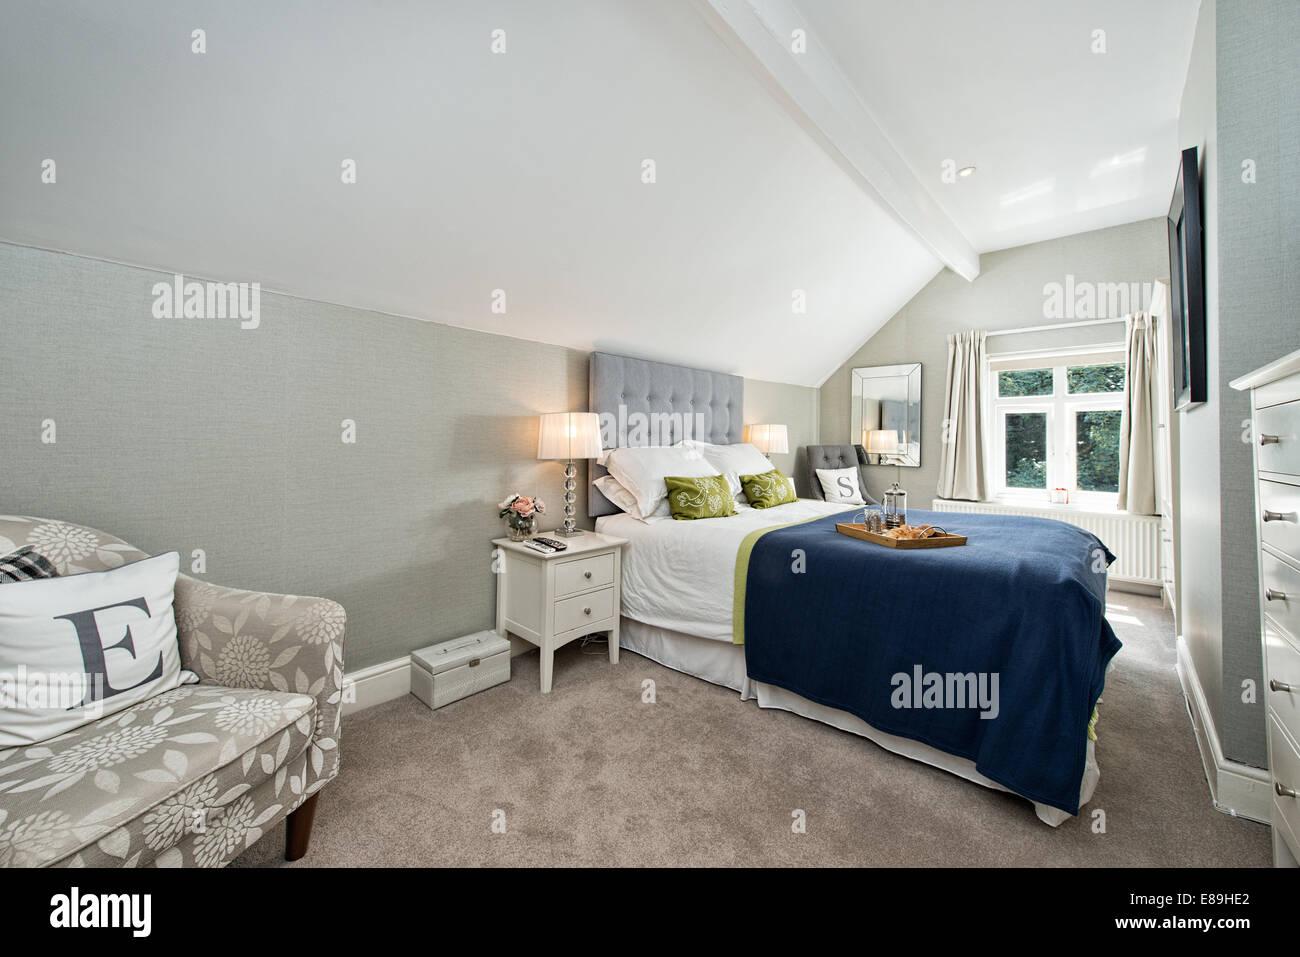 Petit-déjeuner au lit dans une chambre double confortable et moderne décoré de bleu et gris Photo Stock